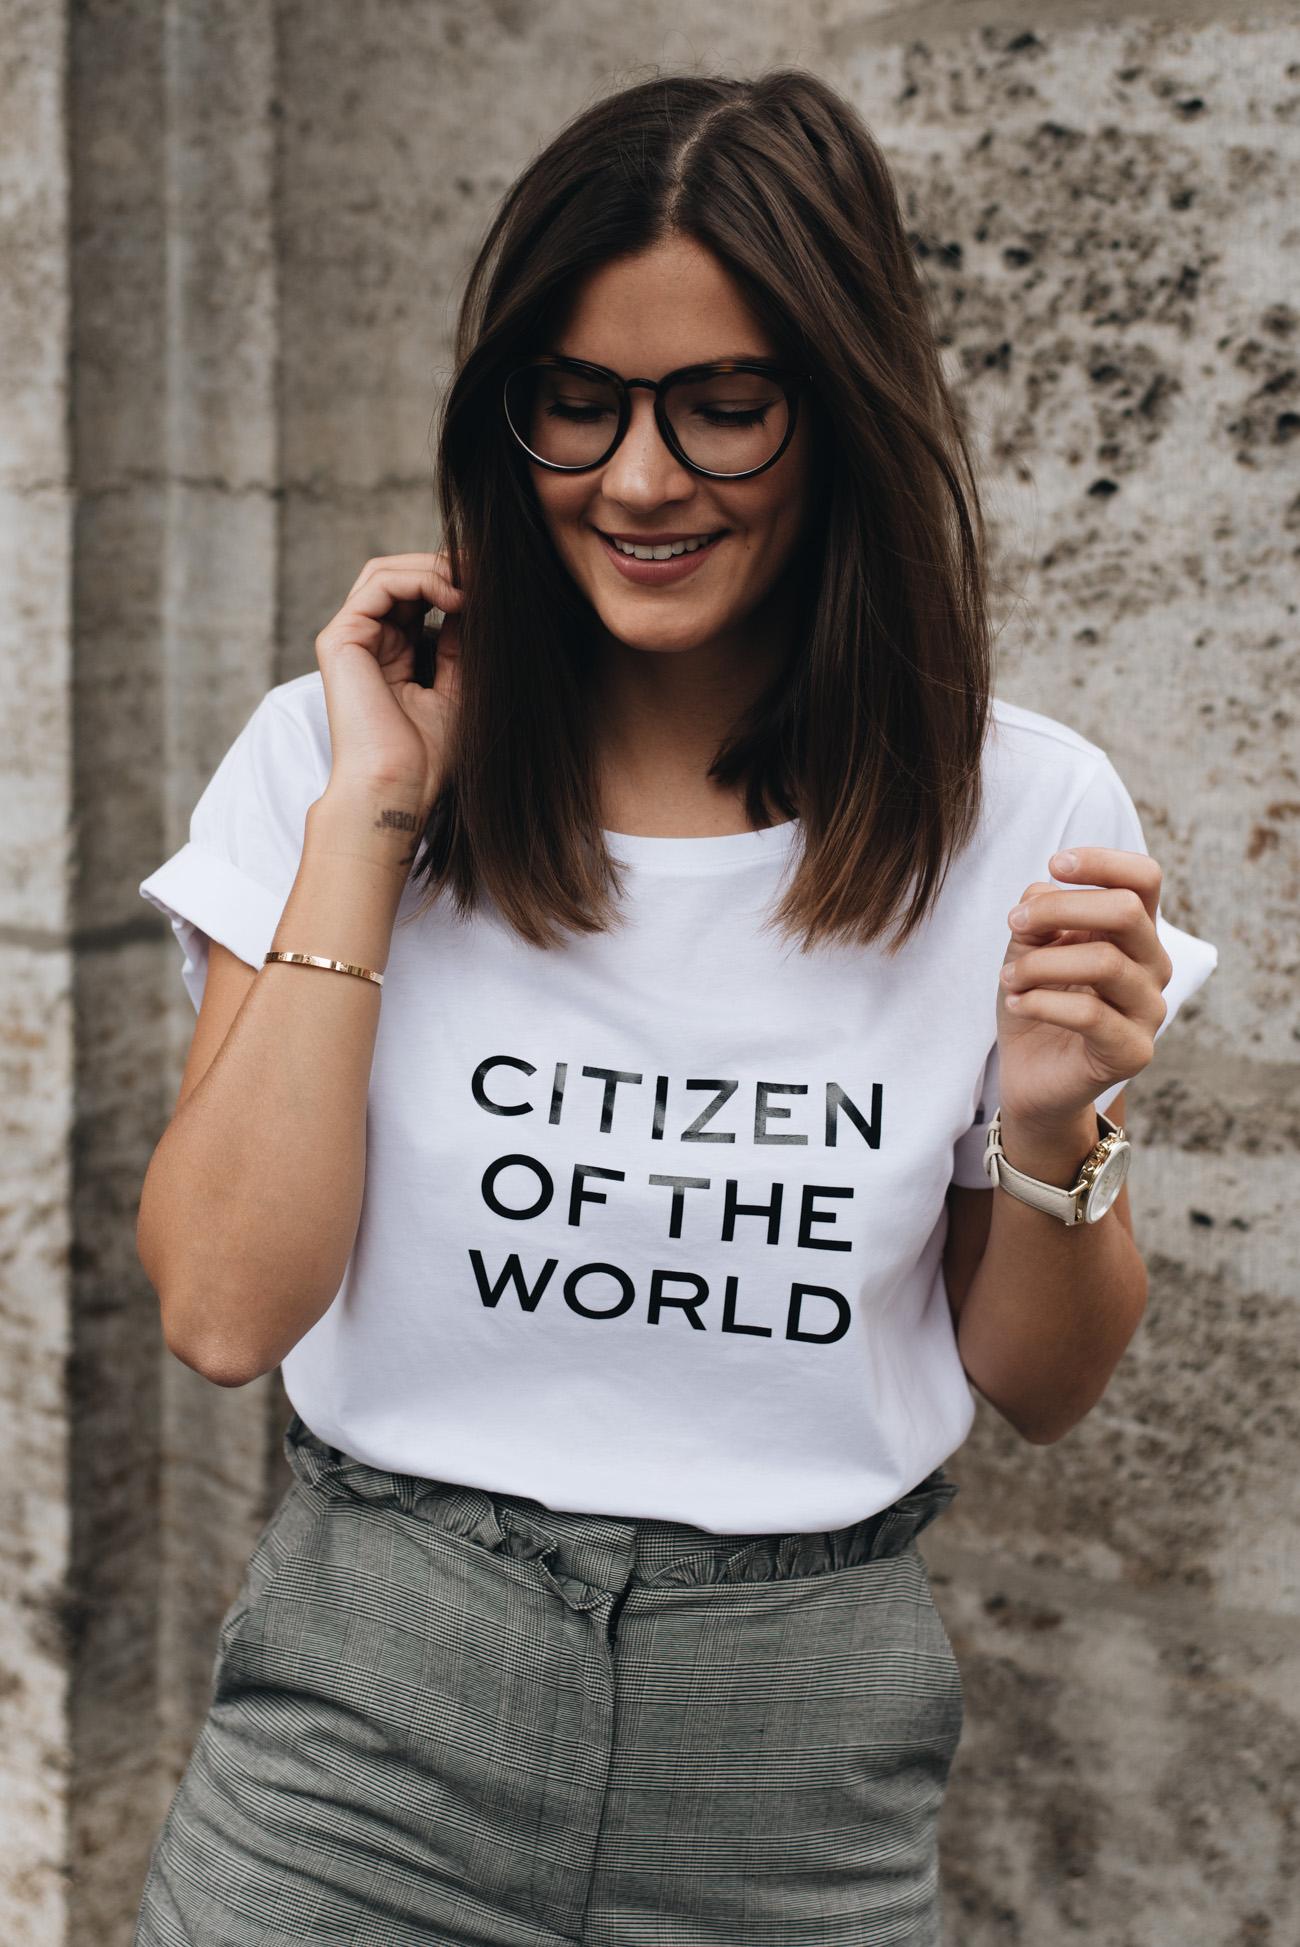 korrekturbrille-sehbrille-online-kaufen-metall-gestell-brillen-trends-2017-nerd-nina-schwichtenberg-fashiioncarpet